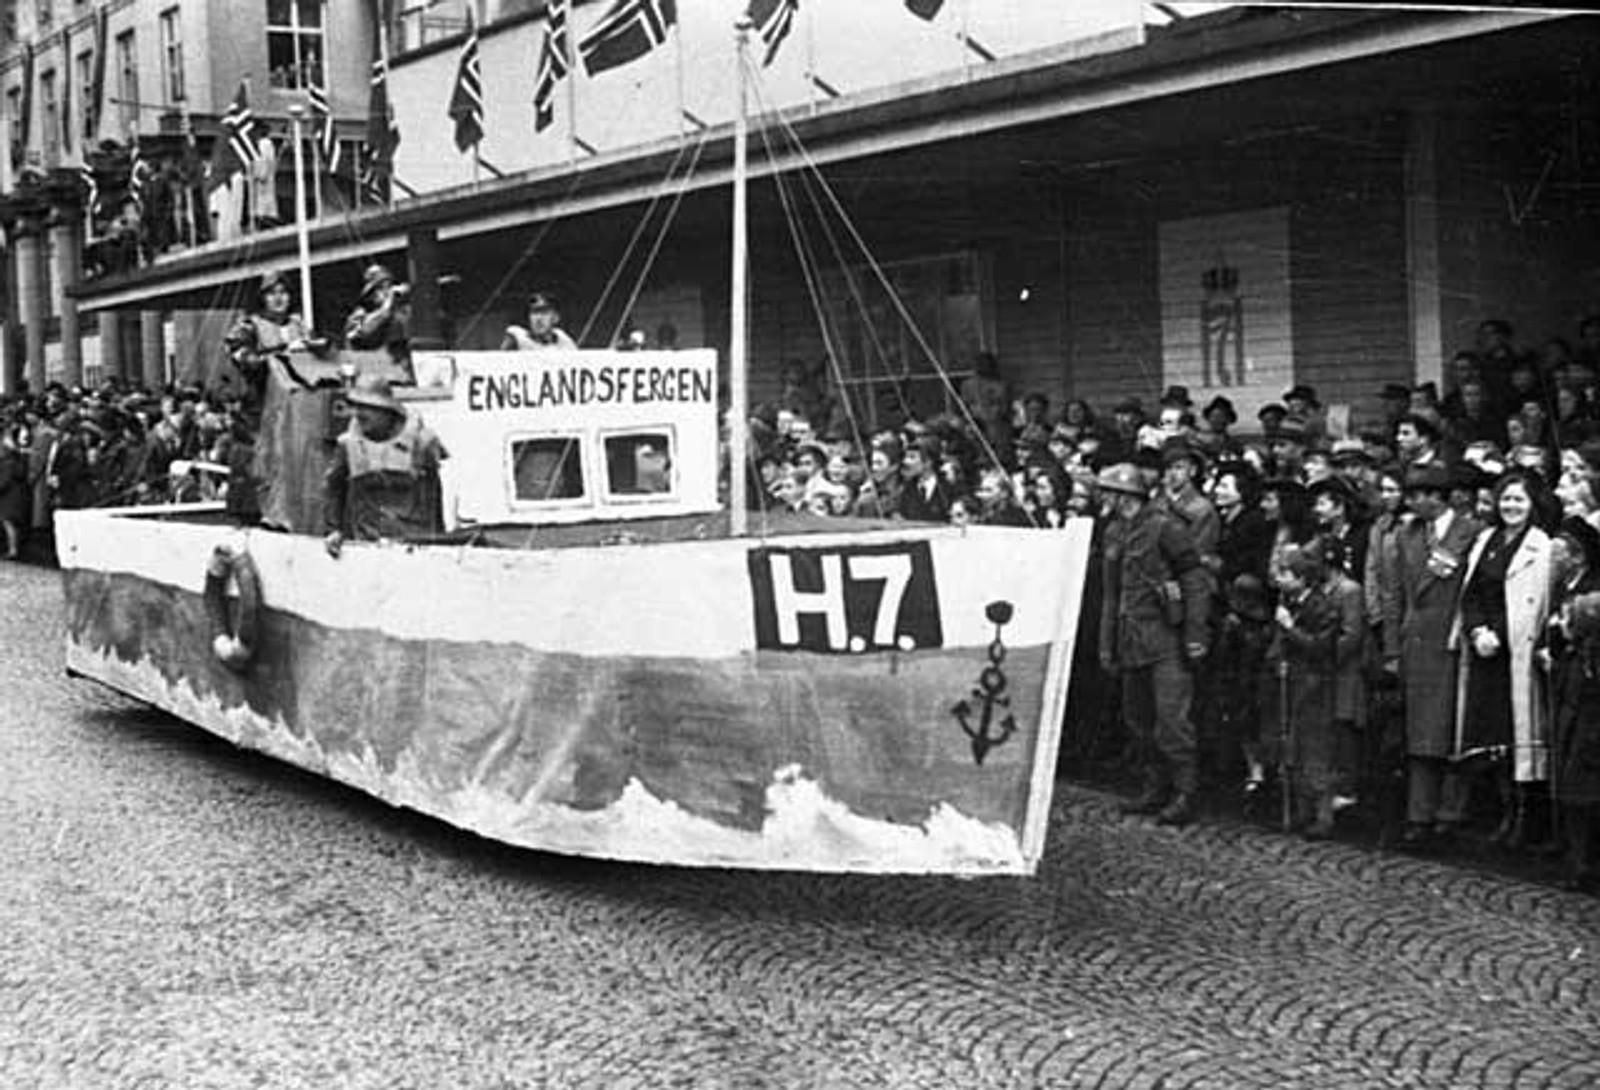 ENGLANDSFERGEN: Under 17. mai-prosesjonen i 1945 var det mange artige innslag. Ett av dem hedret Shetlandsgjengen og englandsfarerne.